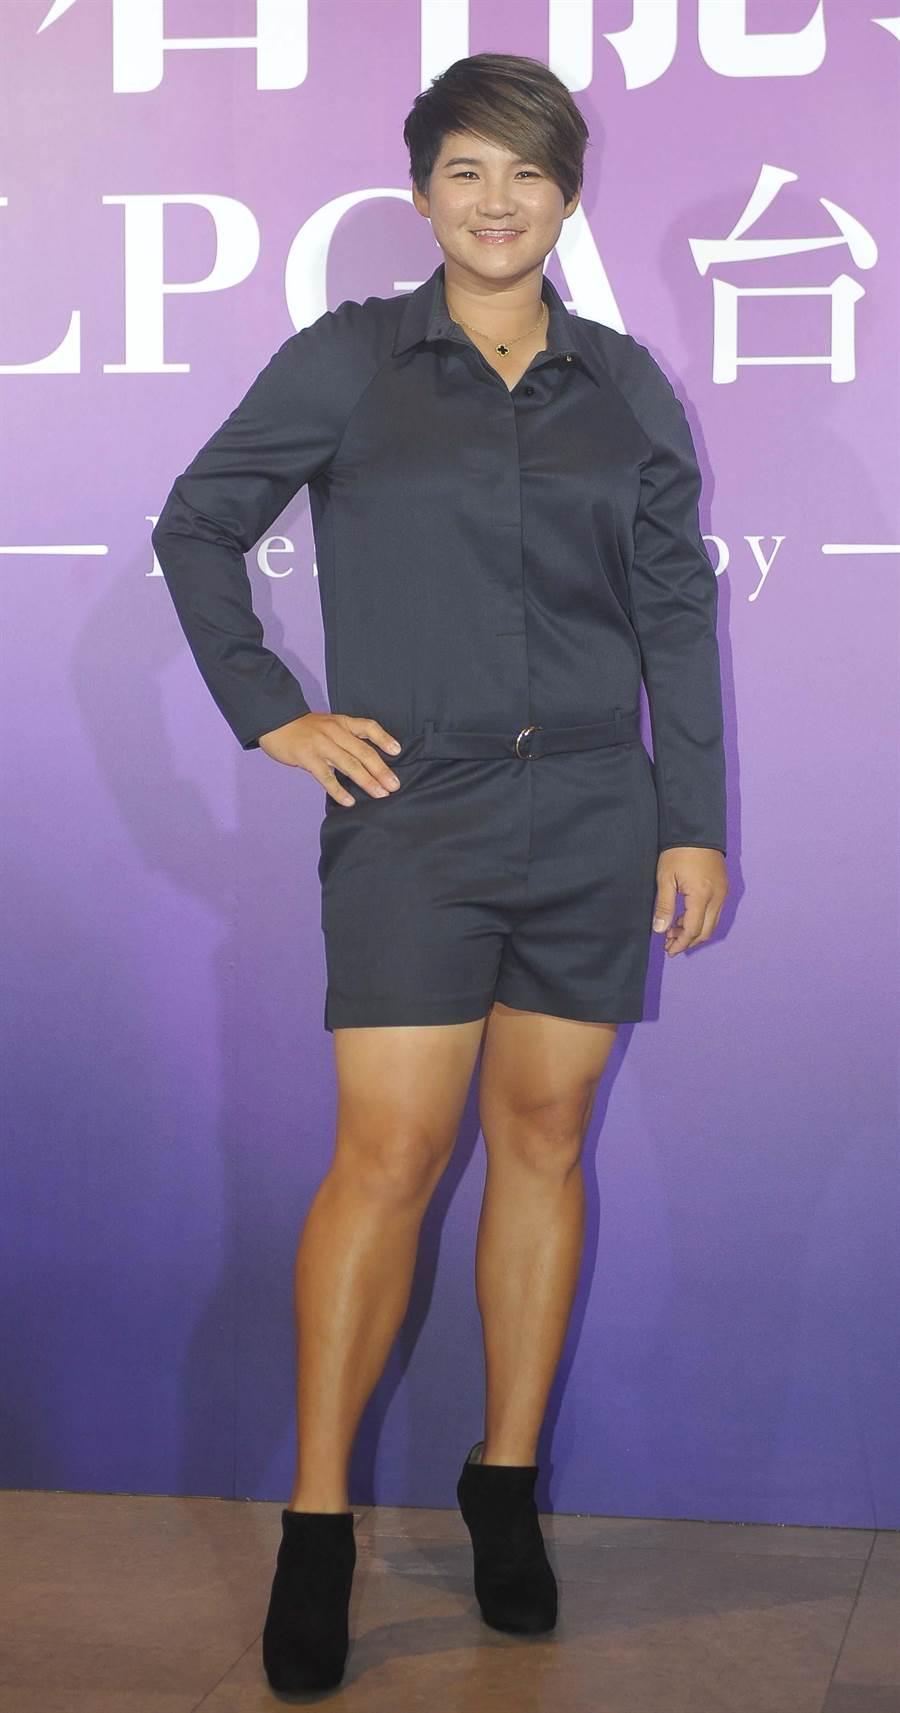 曾雅妮為了裙襬搖搖選手歡迎晚會精心打扮。(季志翔攝)